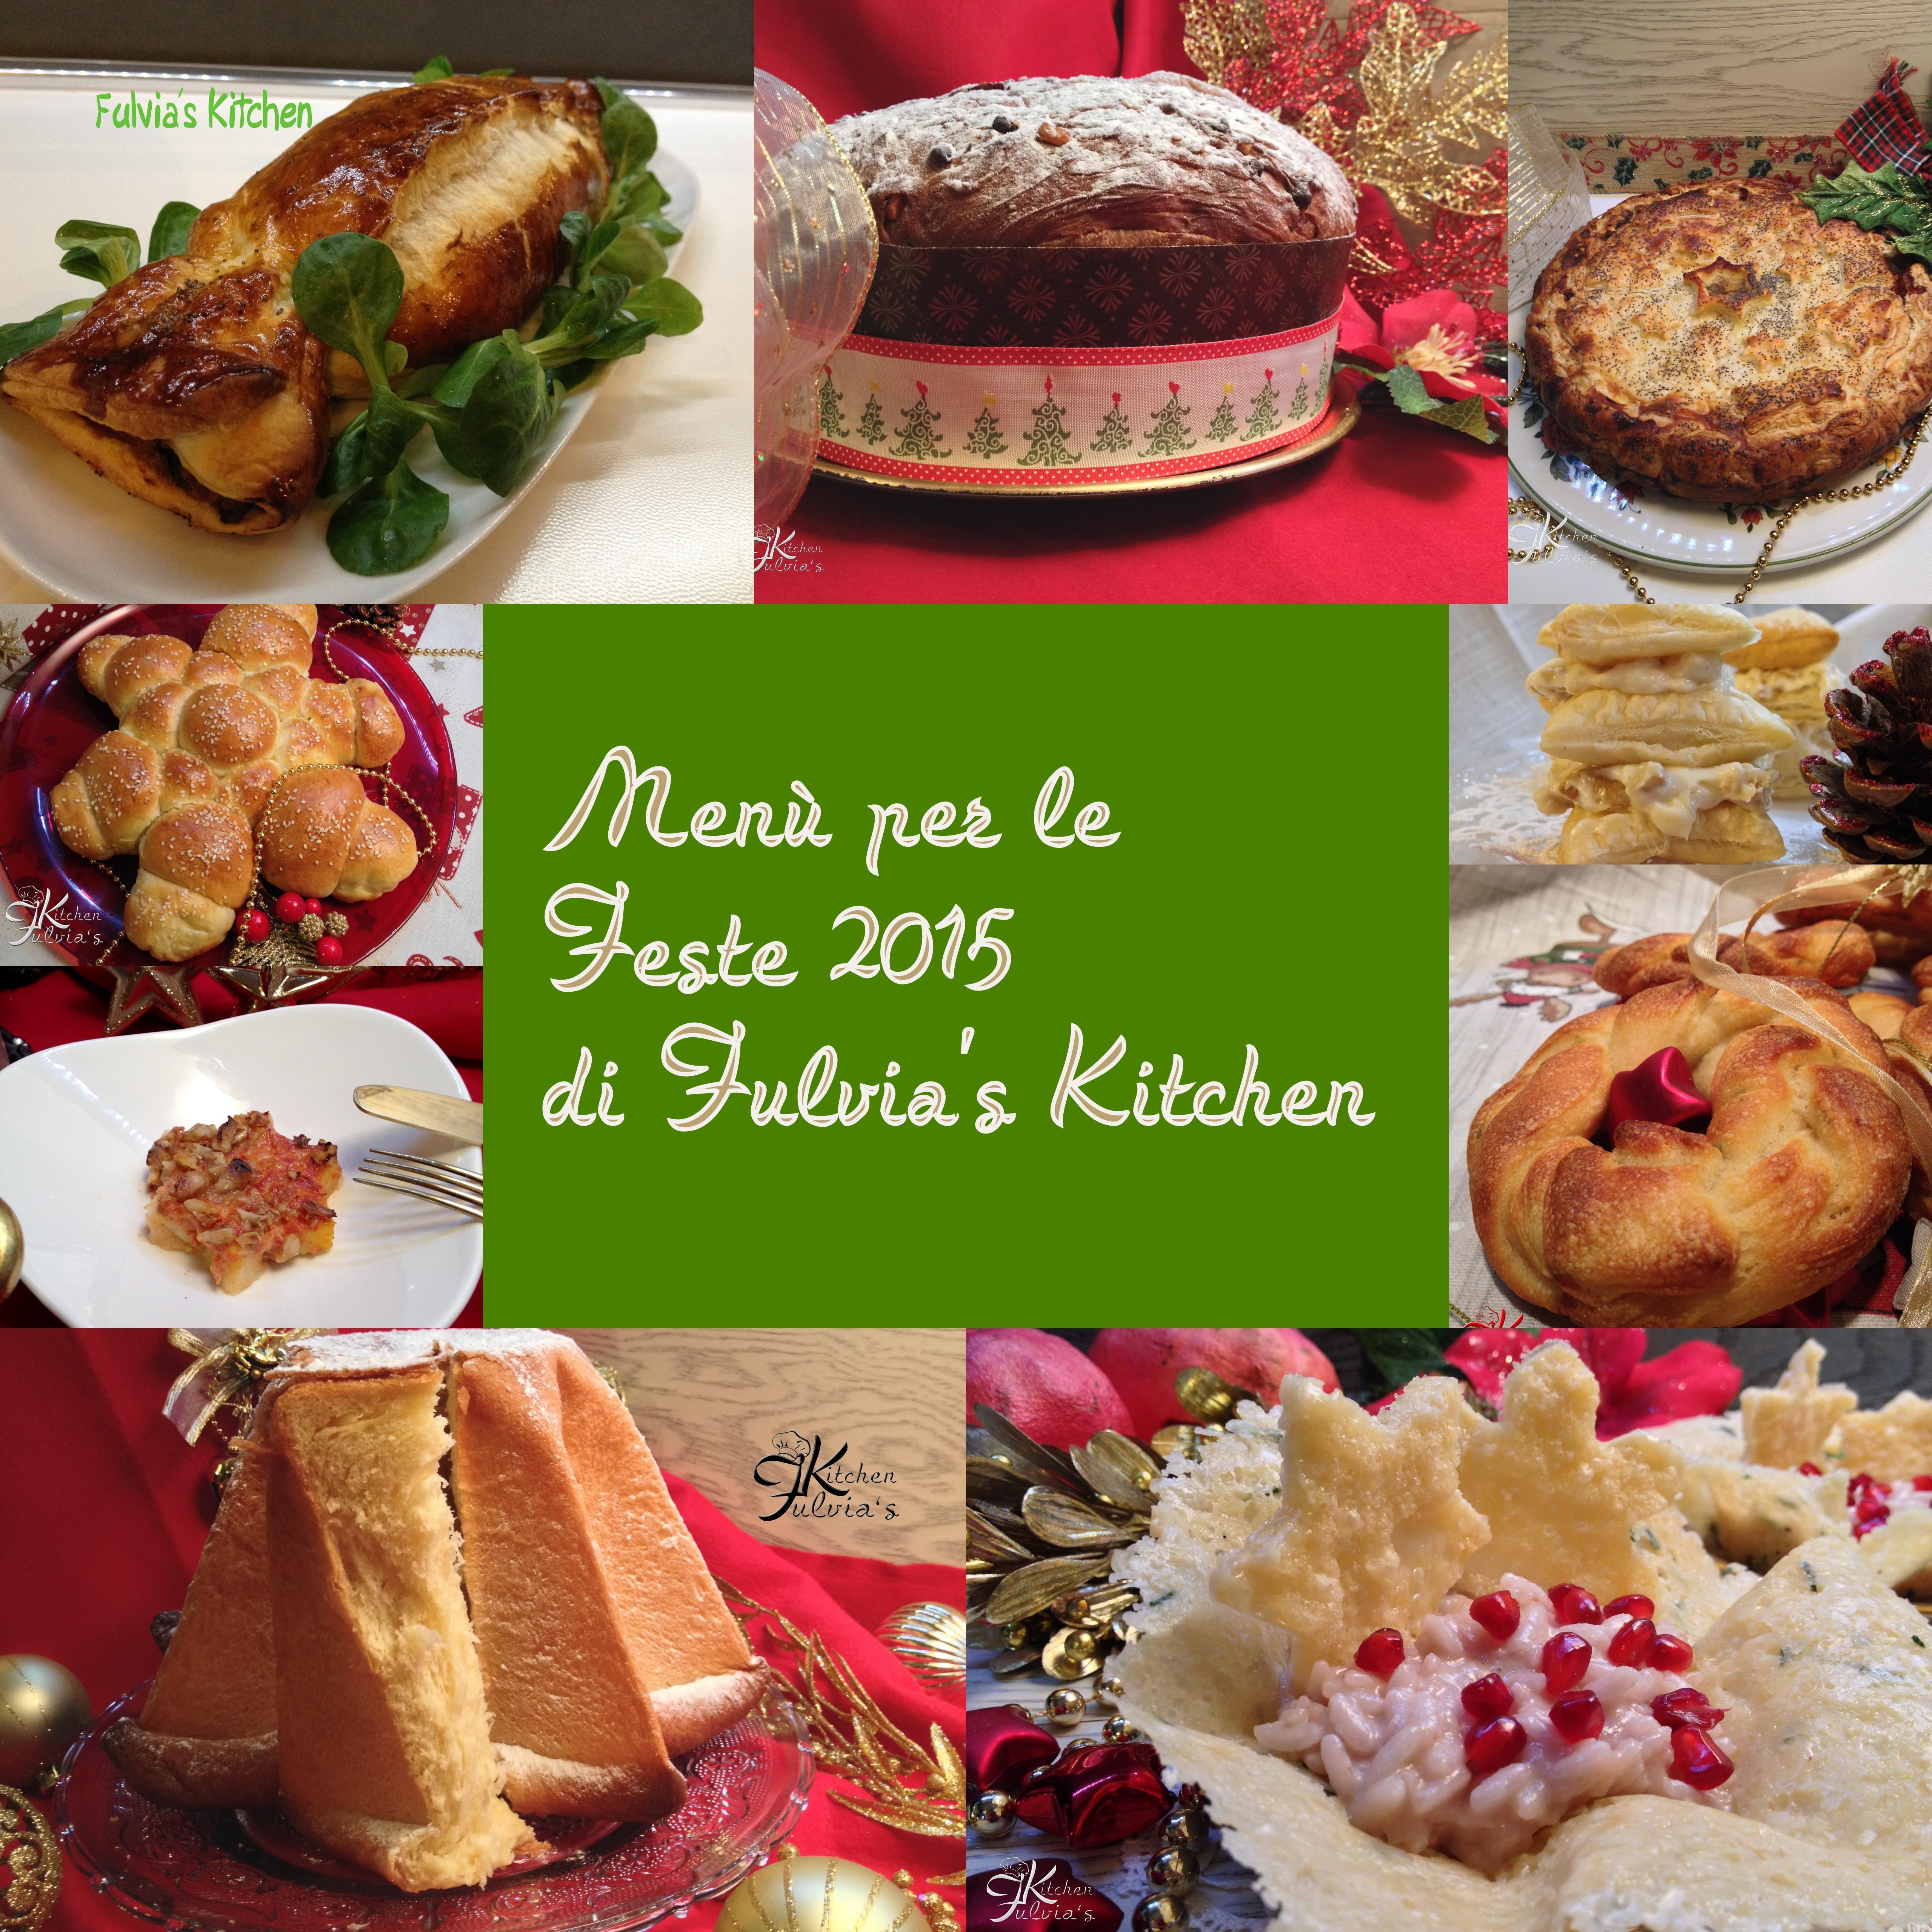 men per le feste 2015 fulvia 39 s kitchen